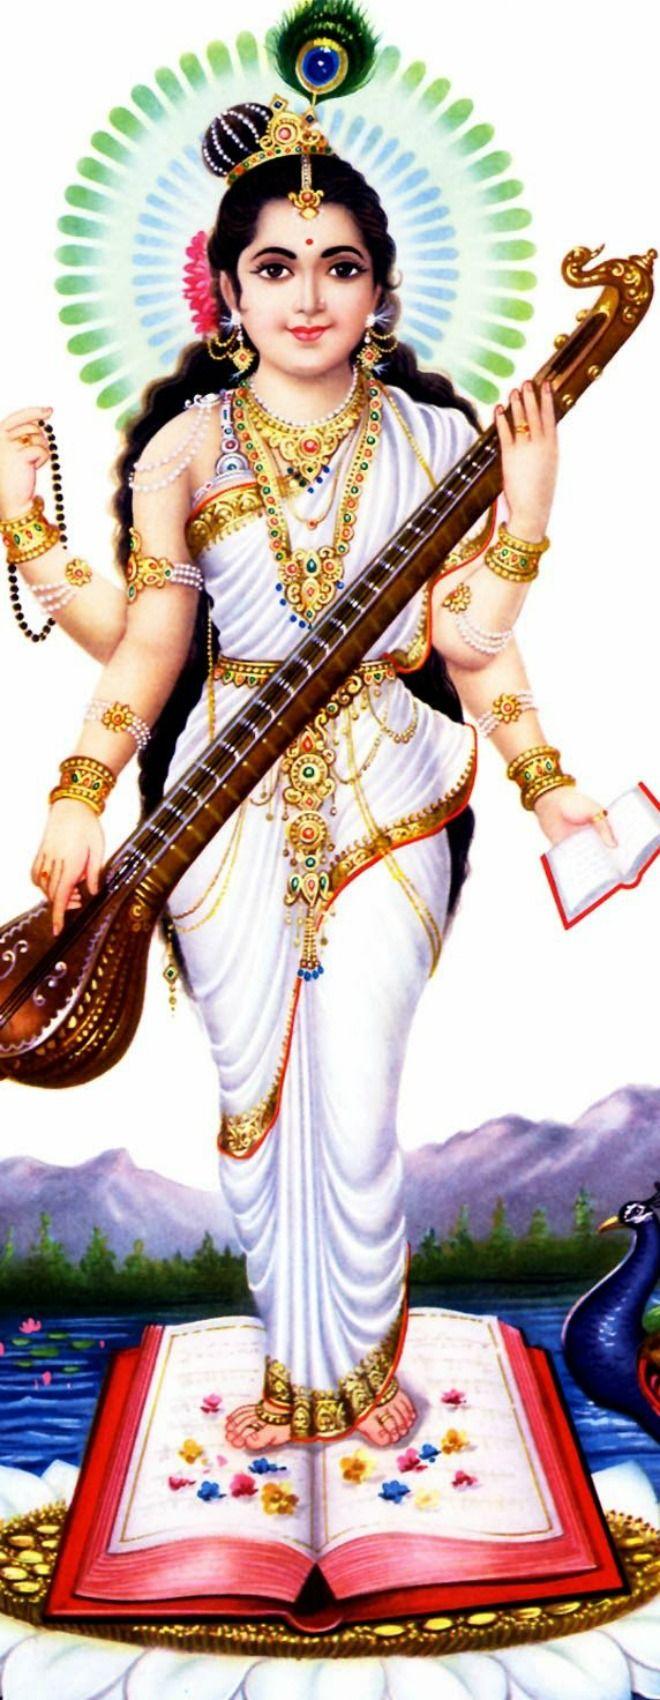 Saraswati Puja Mantra – Om Jai Saraswati Mata